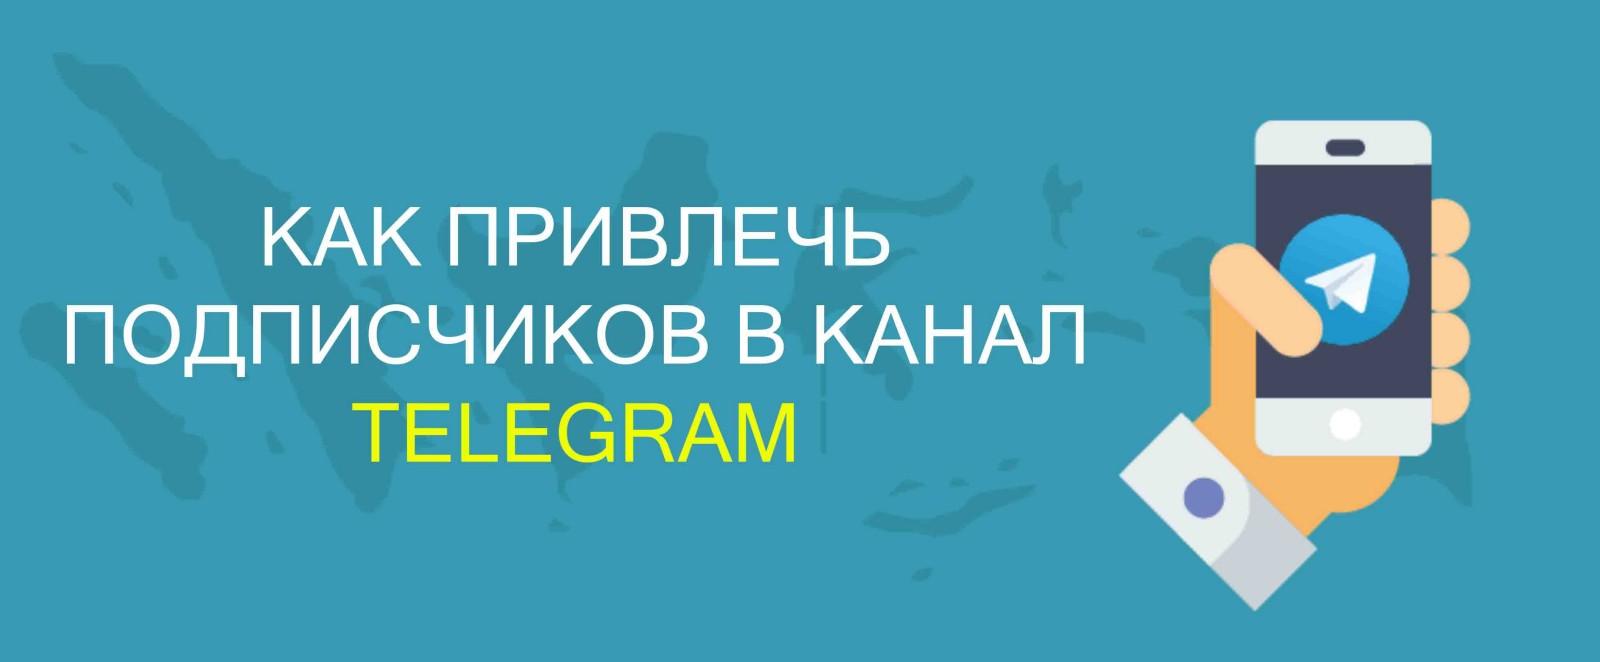 prodvijenie-kanala-telegram